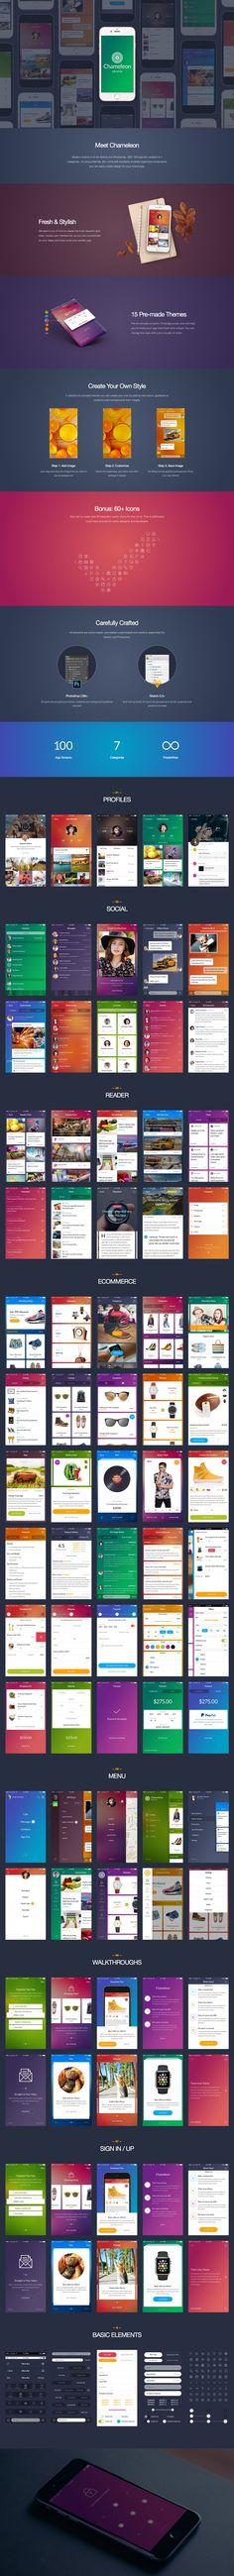 Chameleon – iOS UI Kit on Market (http://market.designmodo.com/chameleon-ui/)